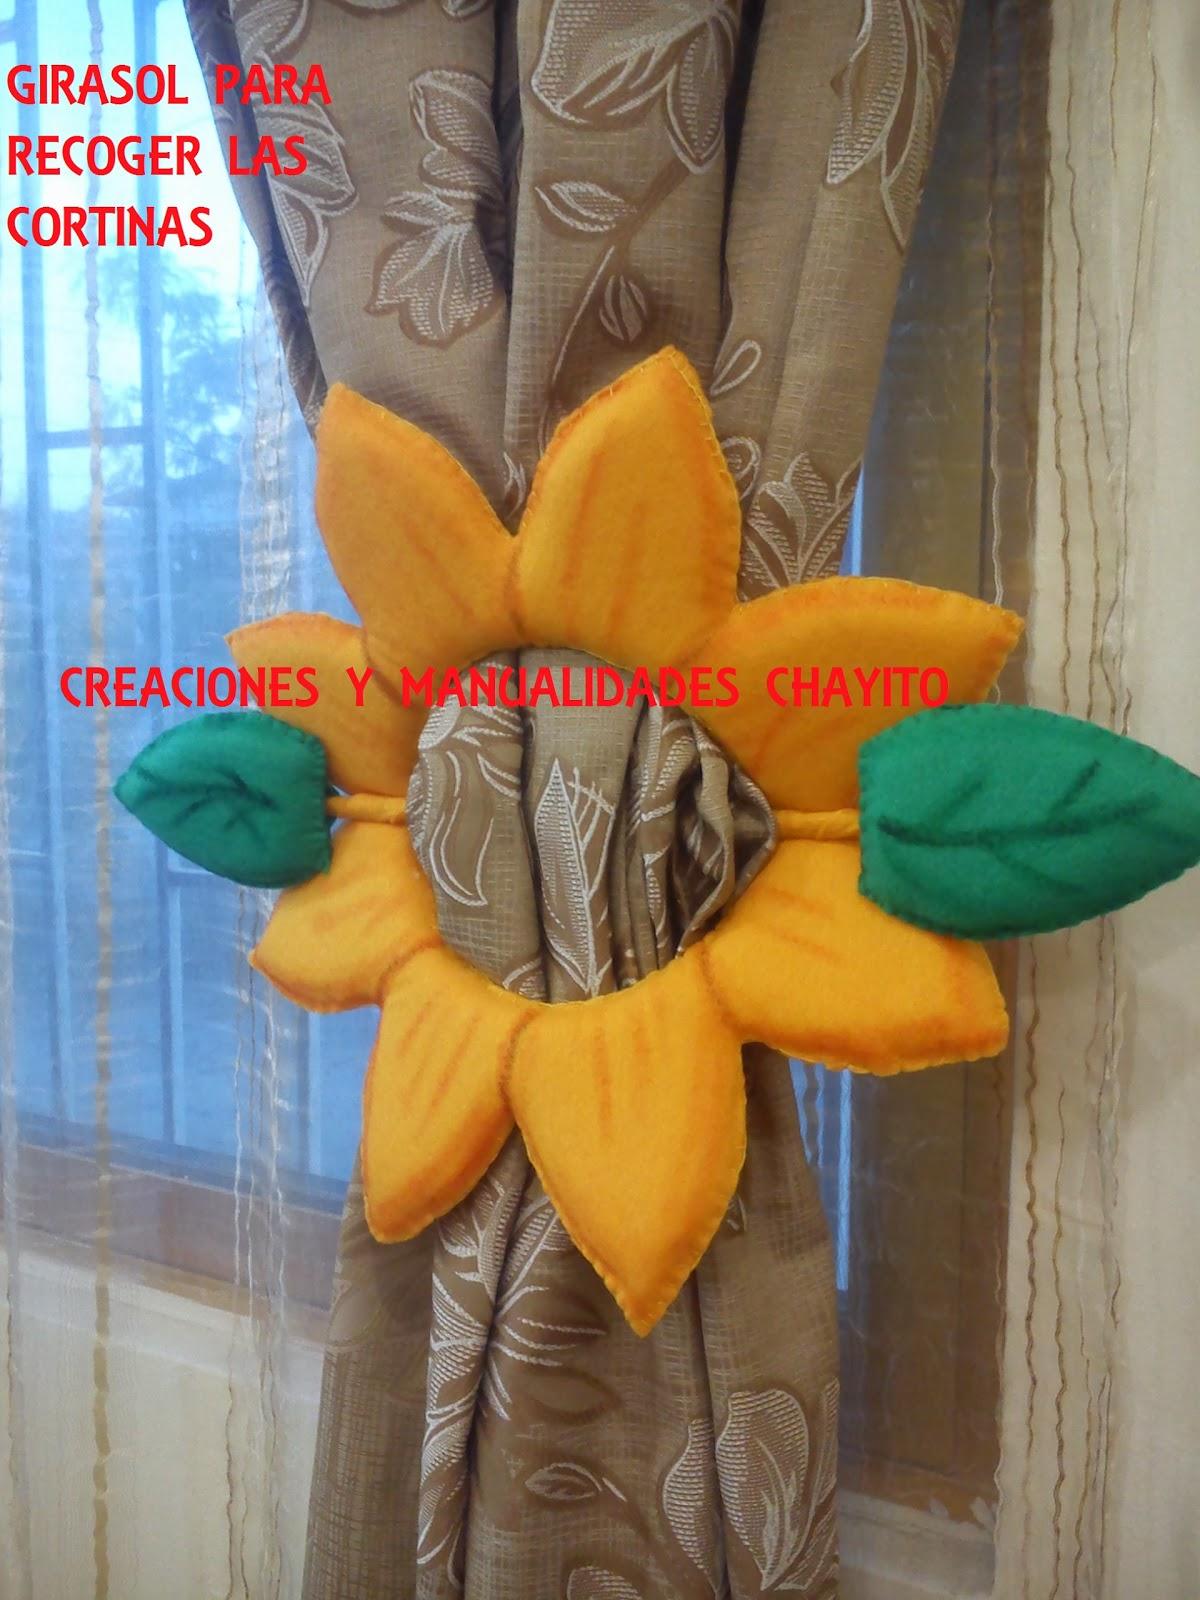 """Cortinas De Baño Rosario:Creaciones y Manualidades """"Chayito"""": GIRASOL PARA RECOGER LA CORTINA"""